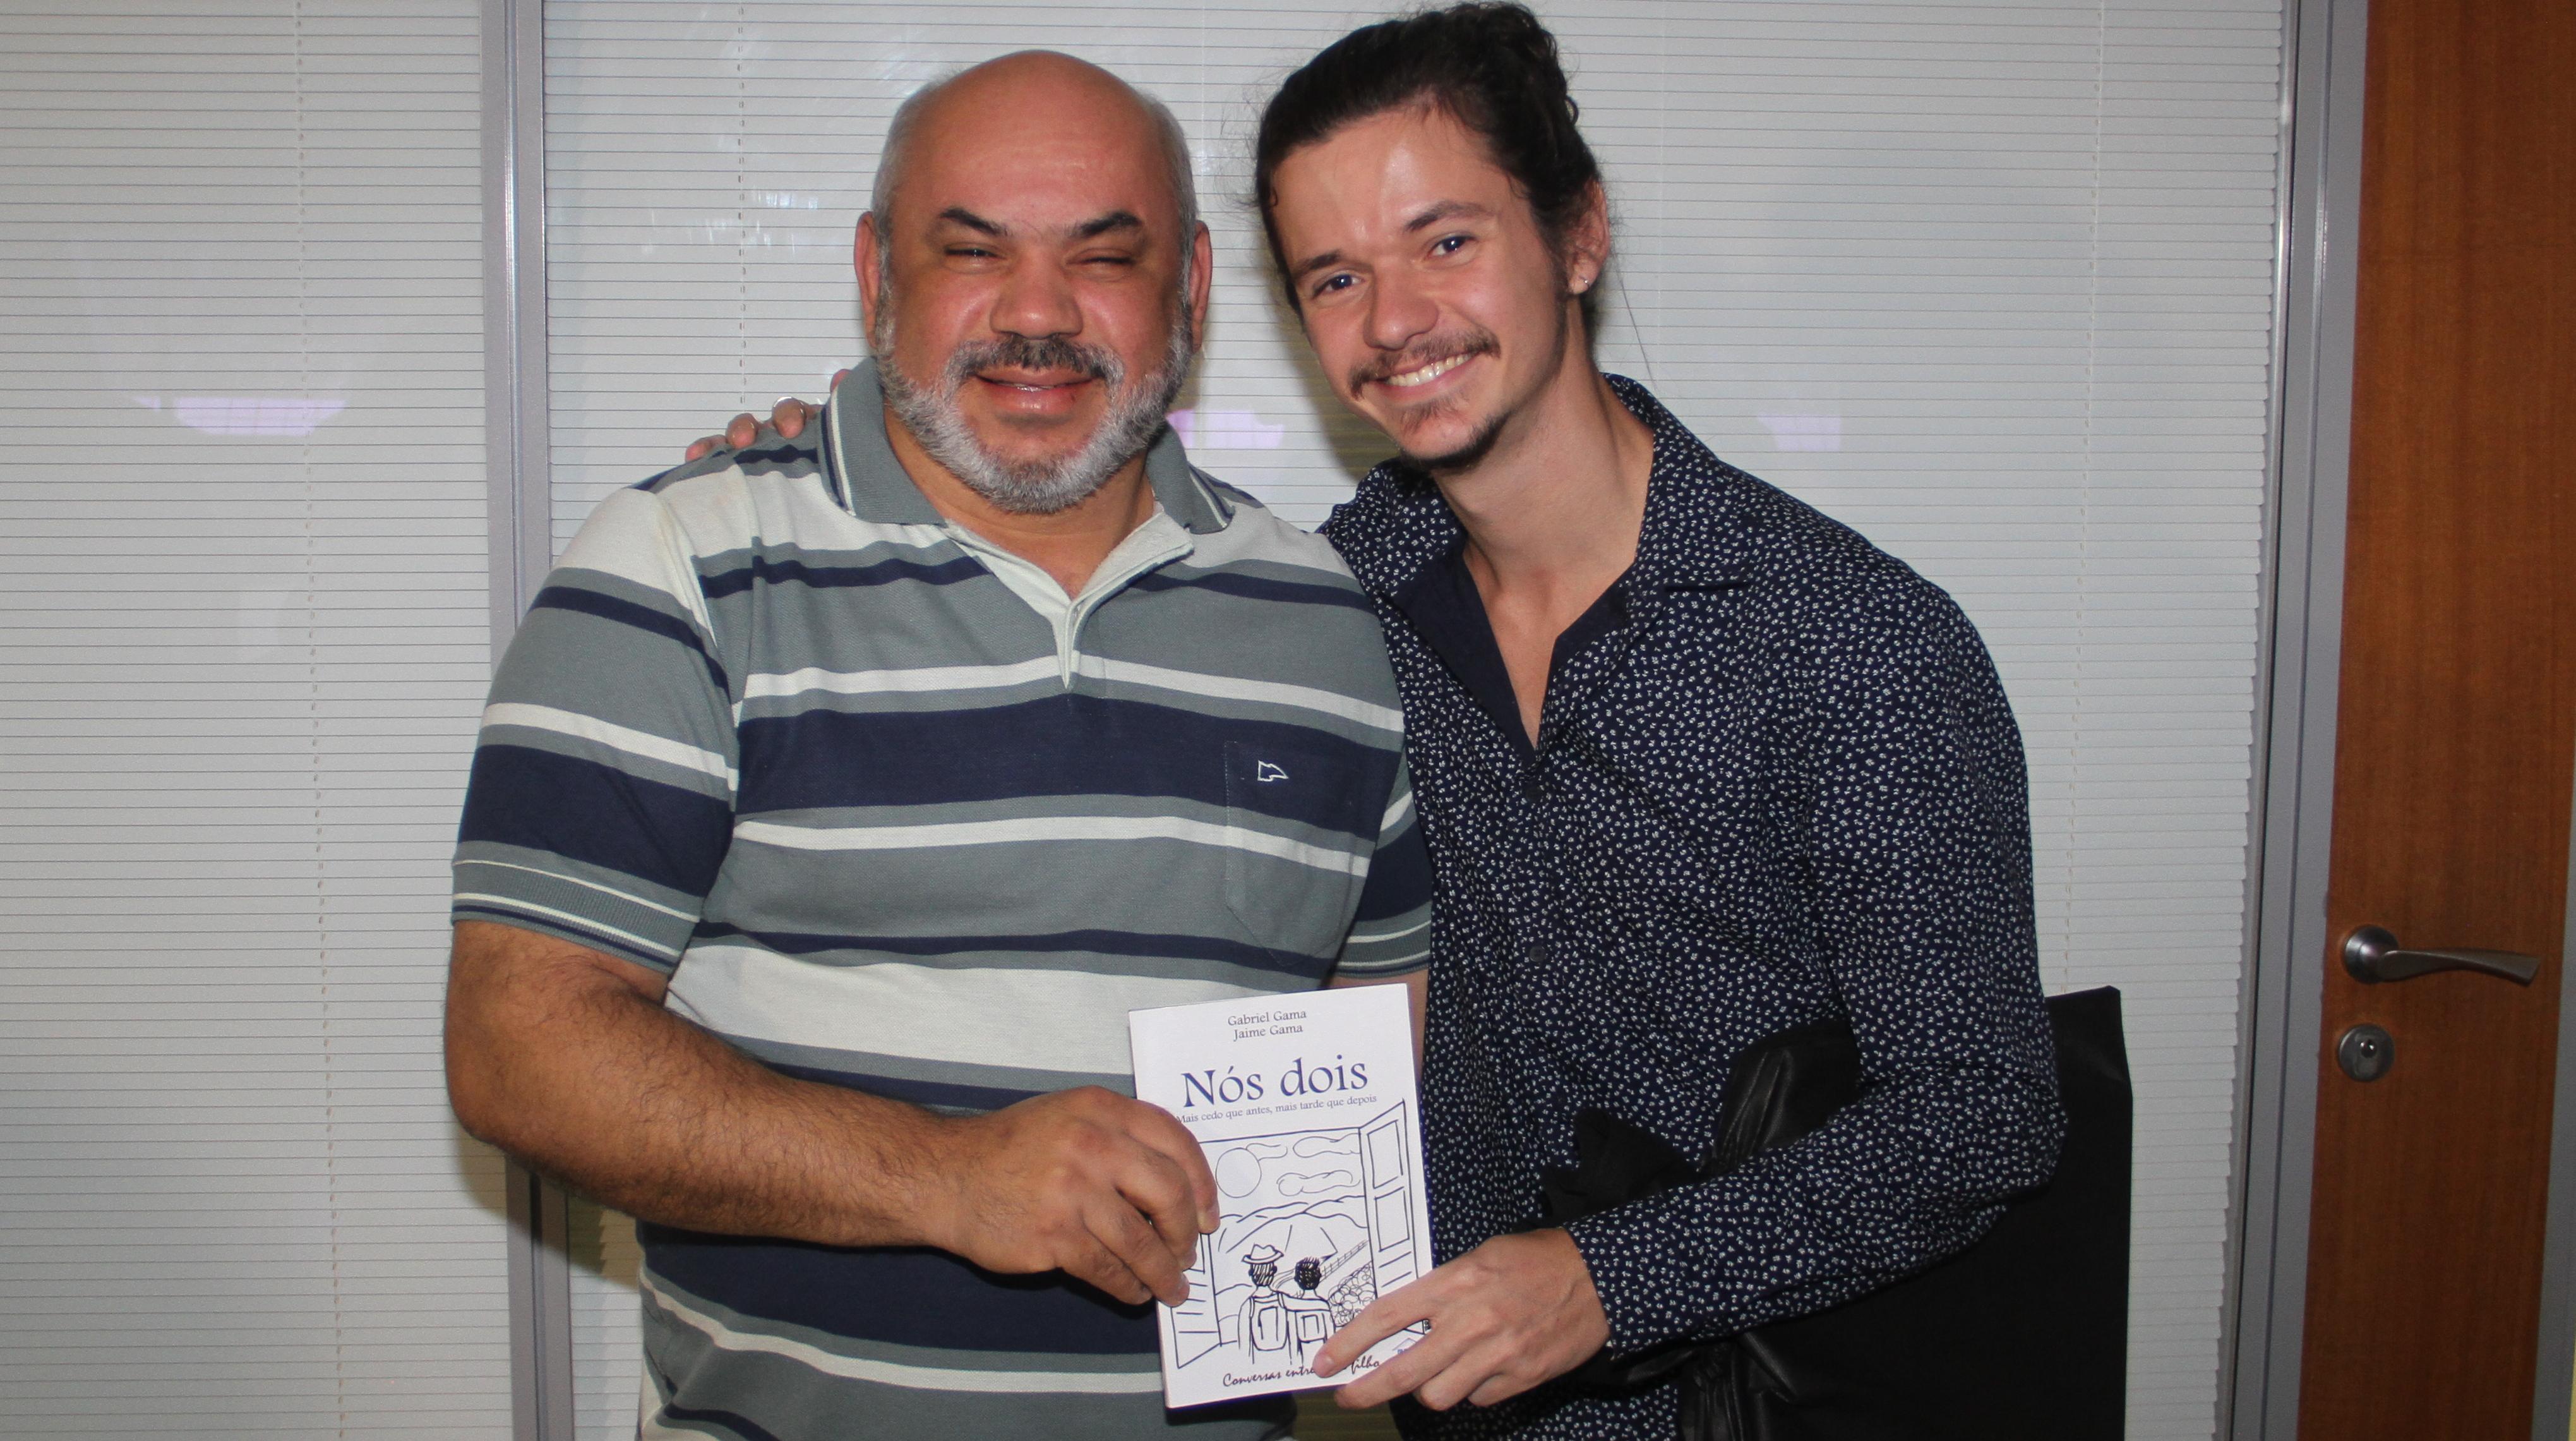 LUNCH-in CONSISTE com Gabriel Canuto Nogueira da Gama